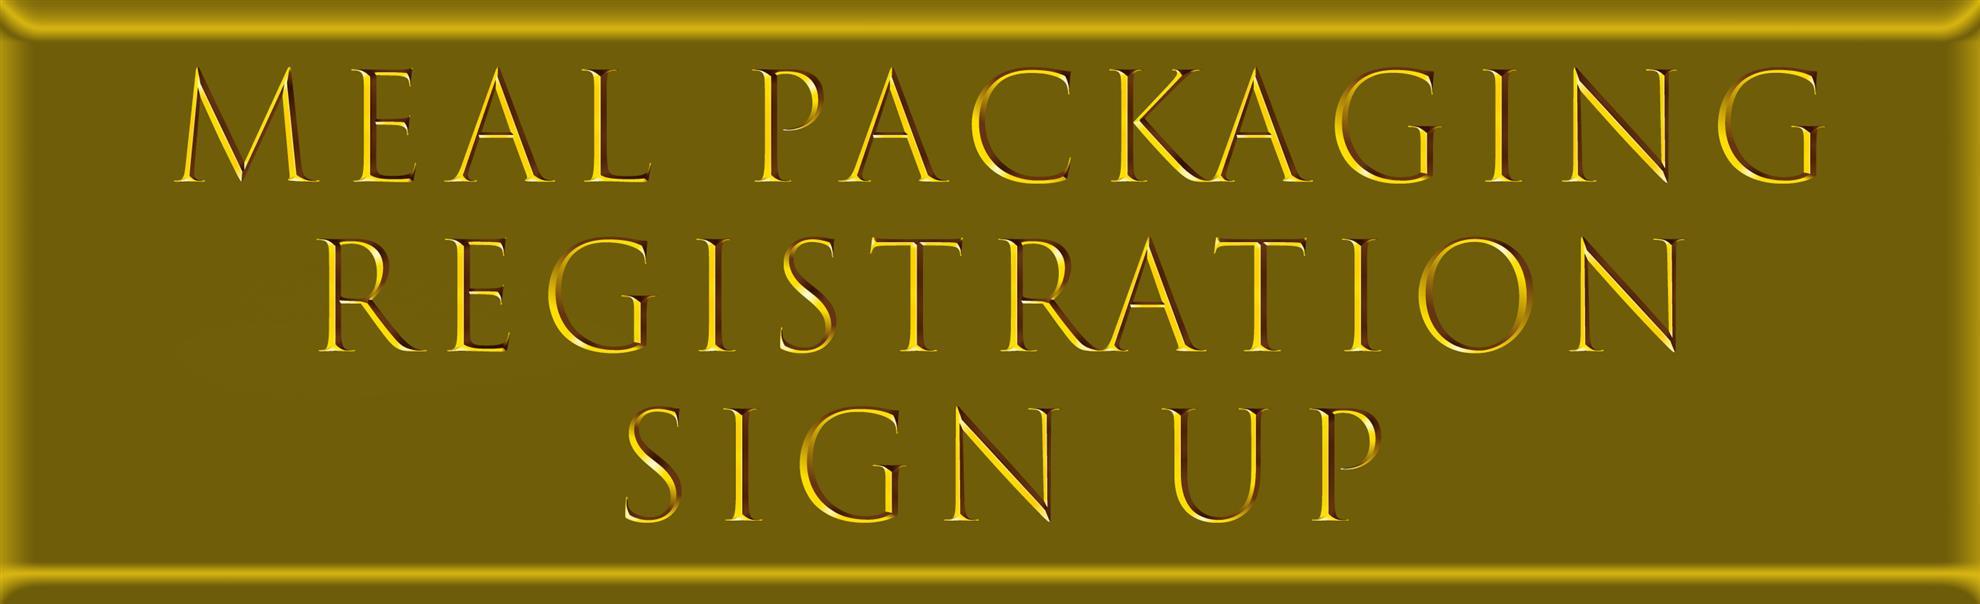 Registration signup